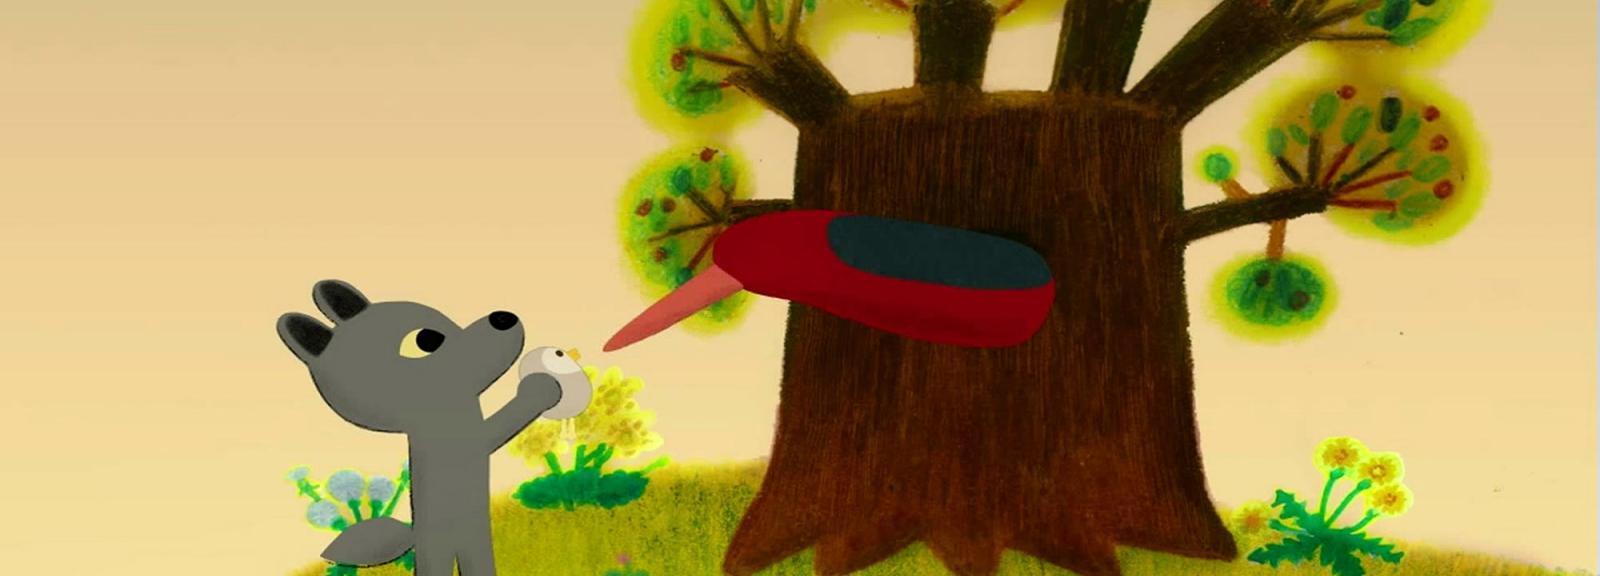 Promenons-nous avec les petits loups - Cycle Pousse-Pousse - Un rendez-vous pour les tout-petits © KMBO